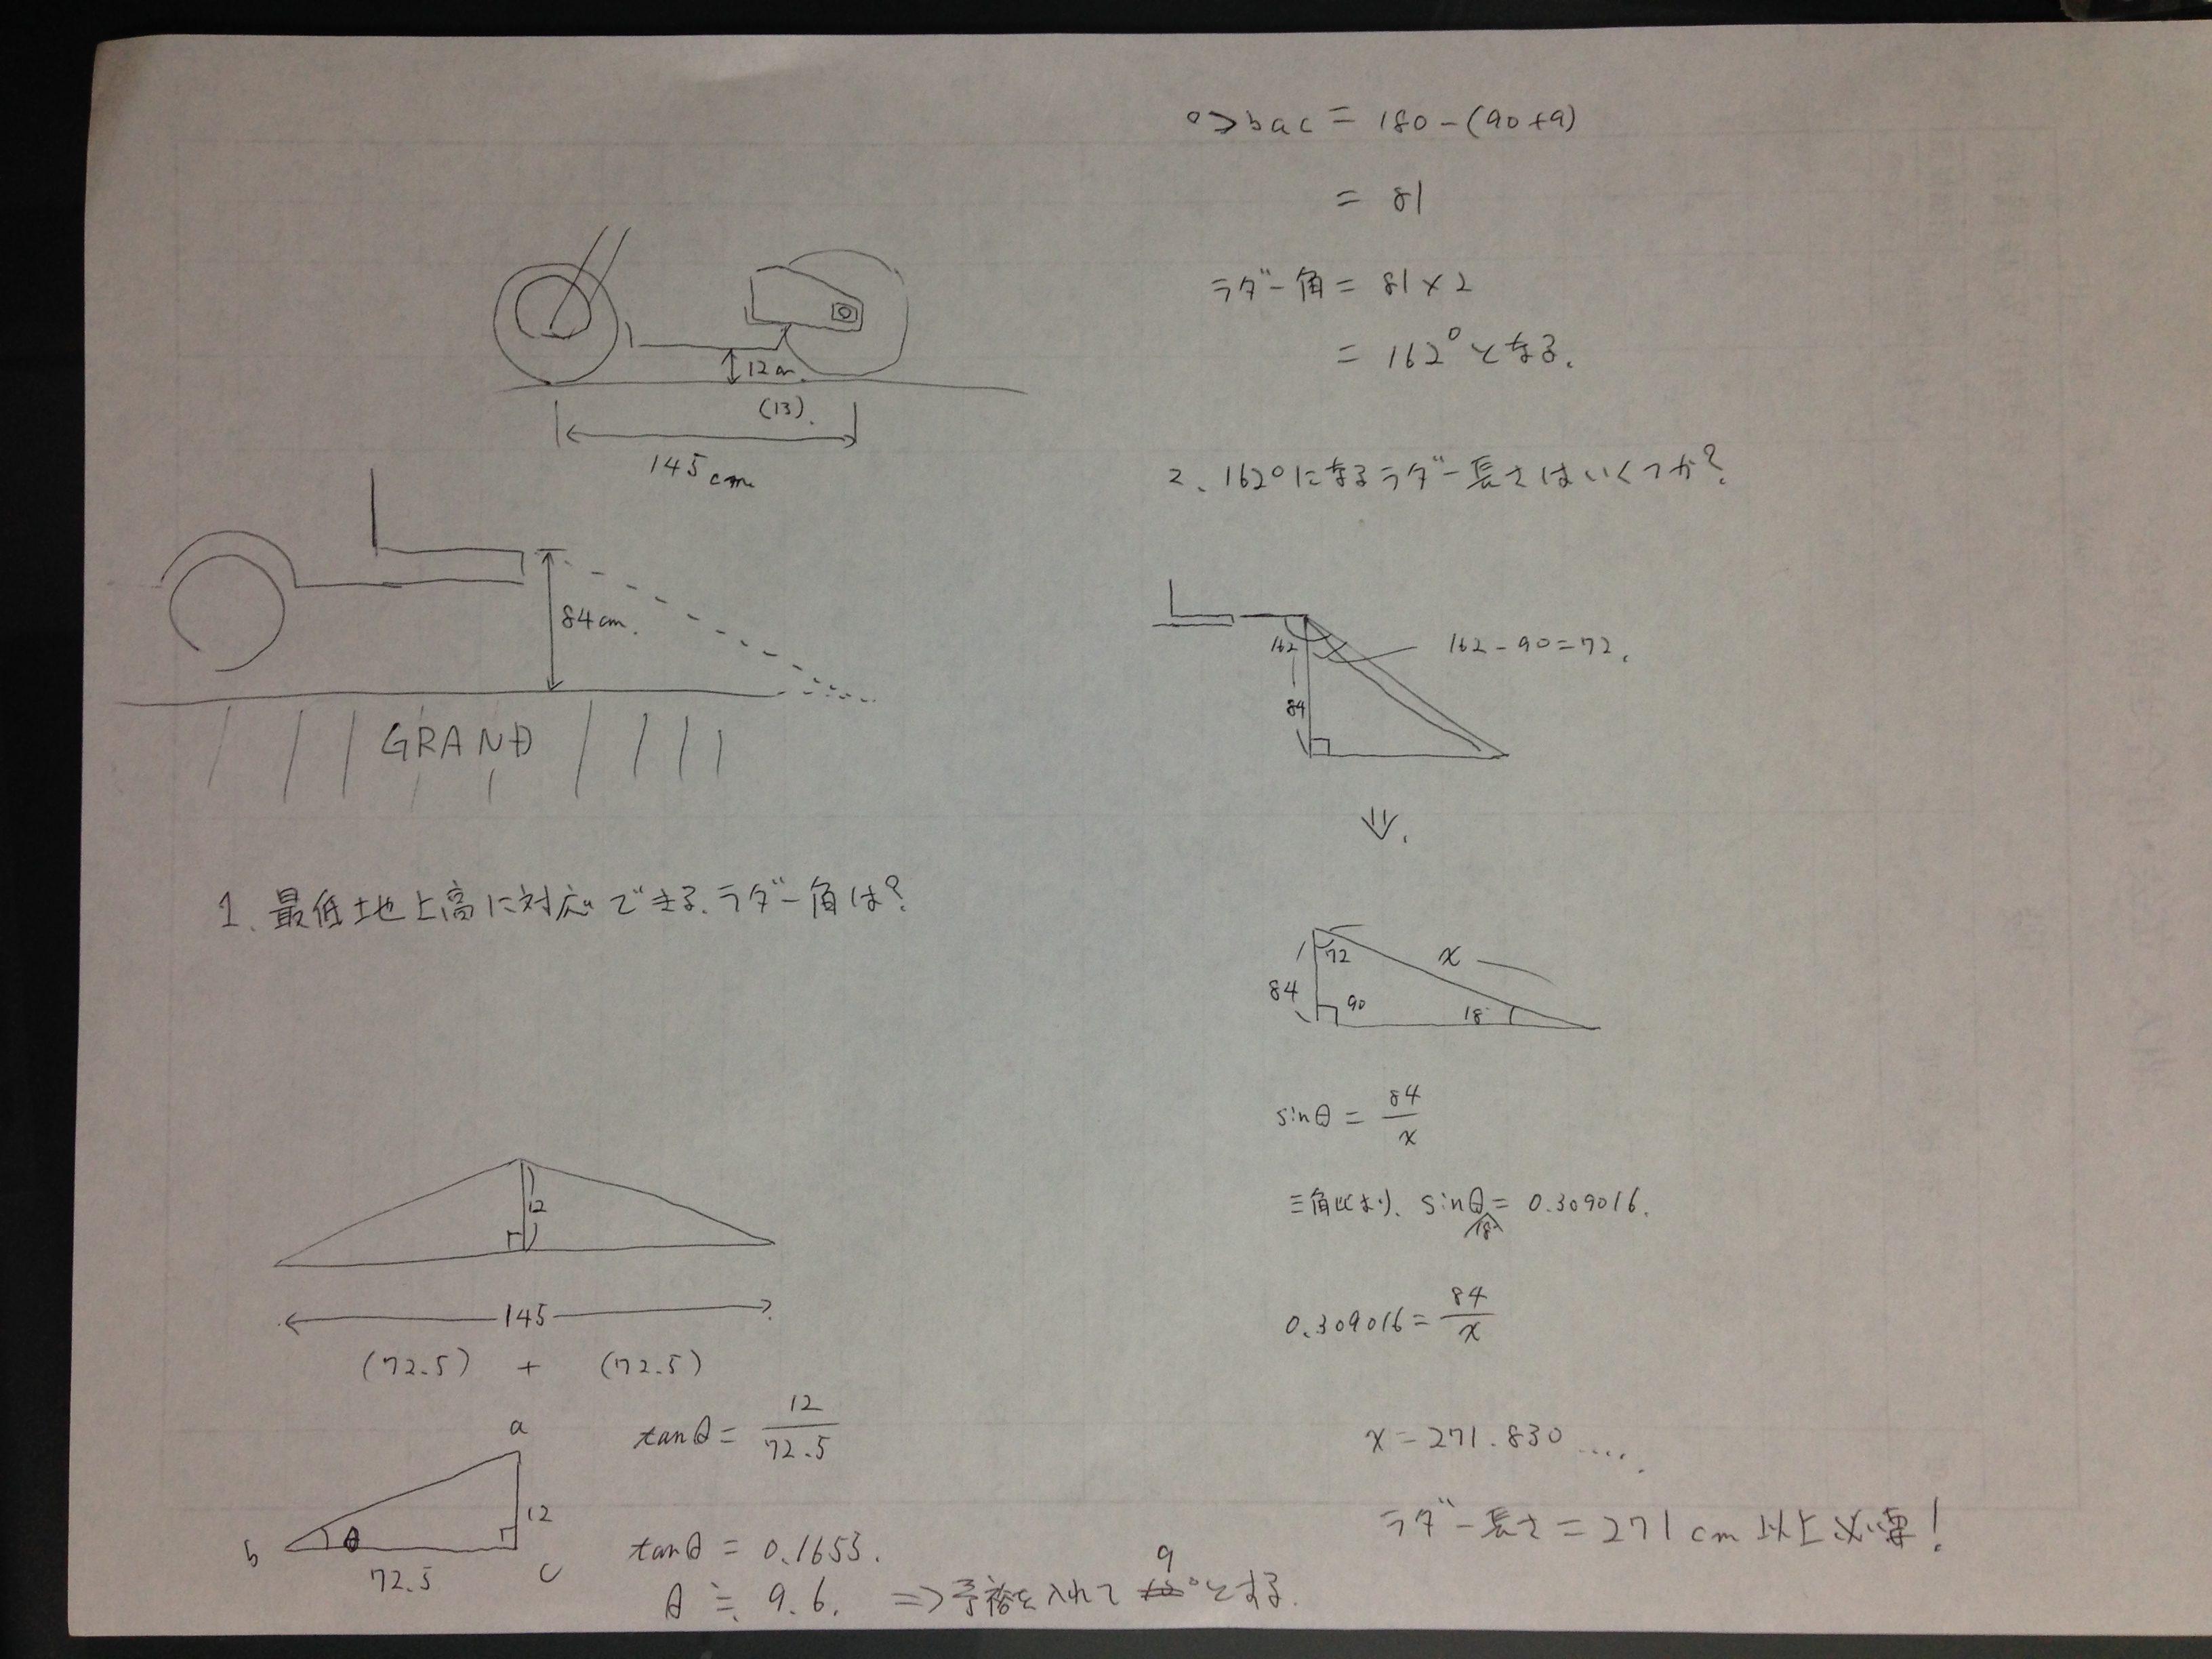 ラダーレール長さの計算式